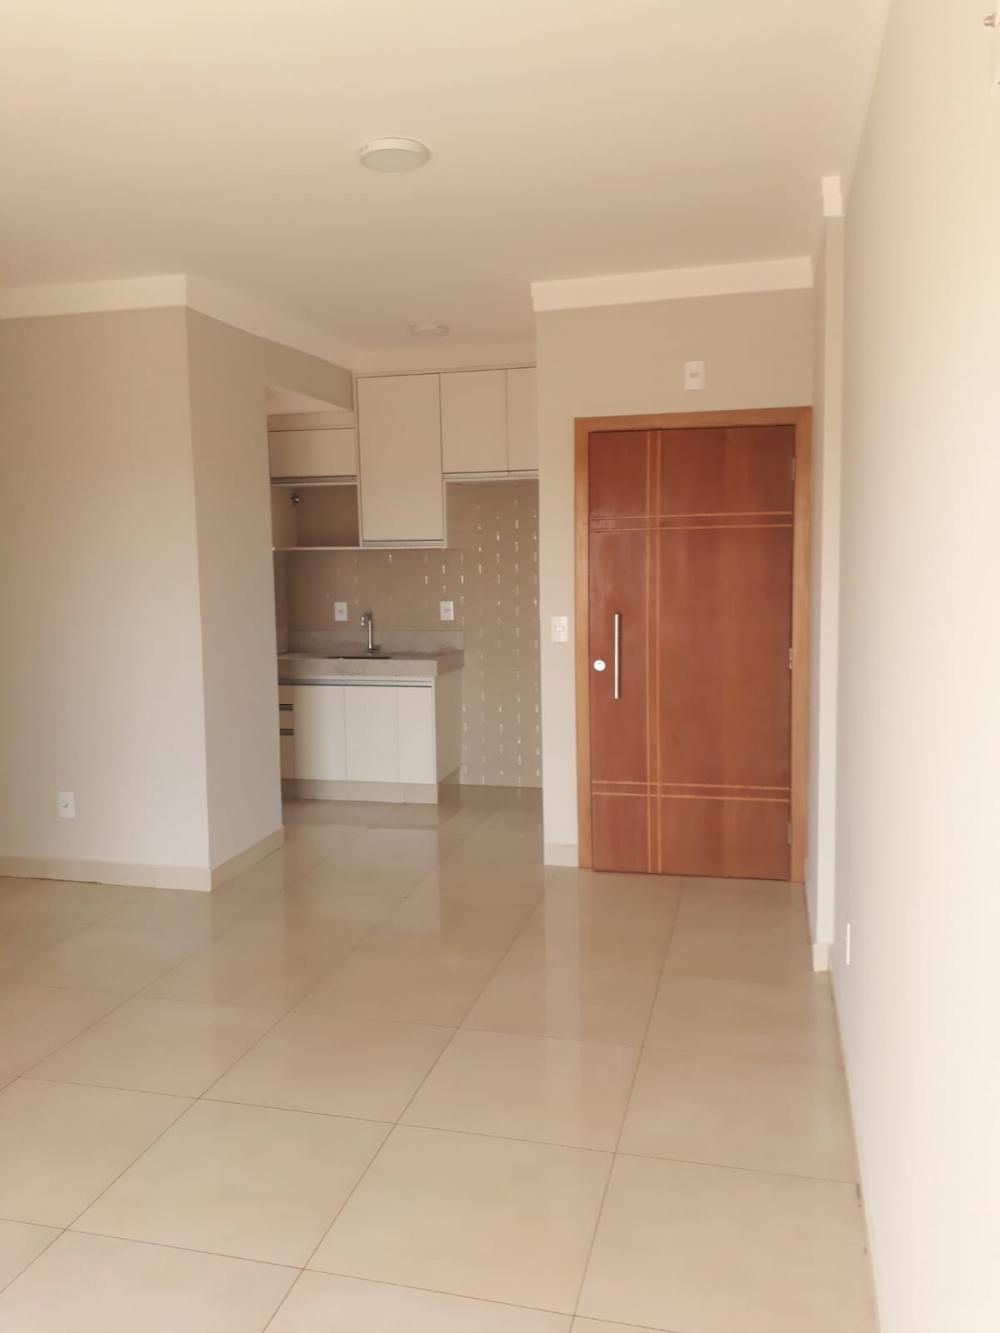 Alugar Apartamento / Padrão em São José do Rio Preto apenas R$ 1.600,00 - Foto 9